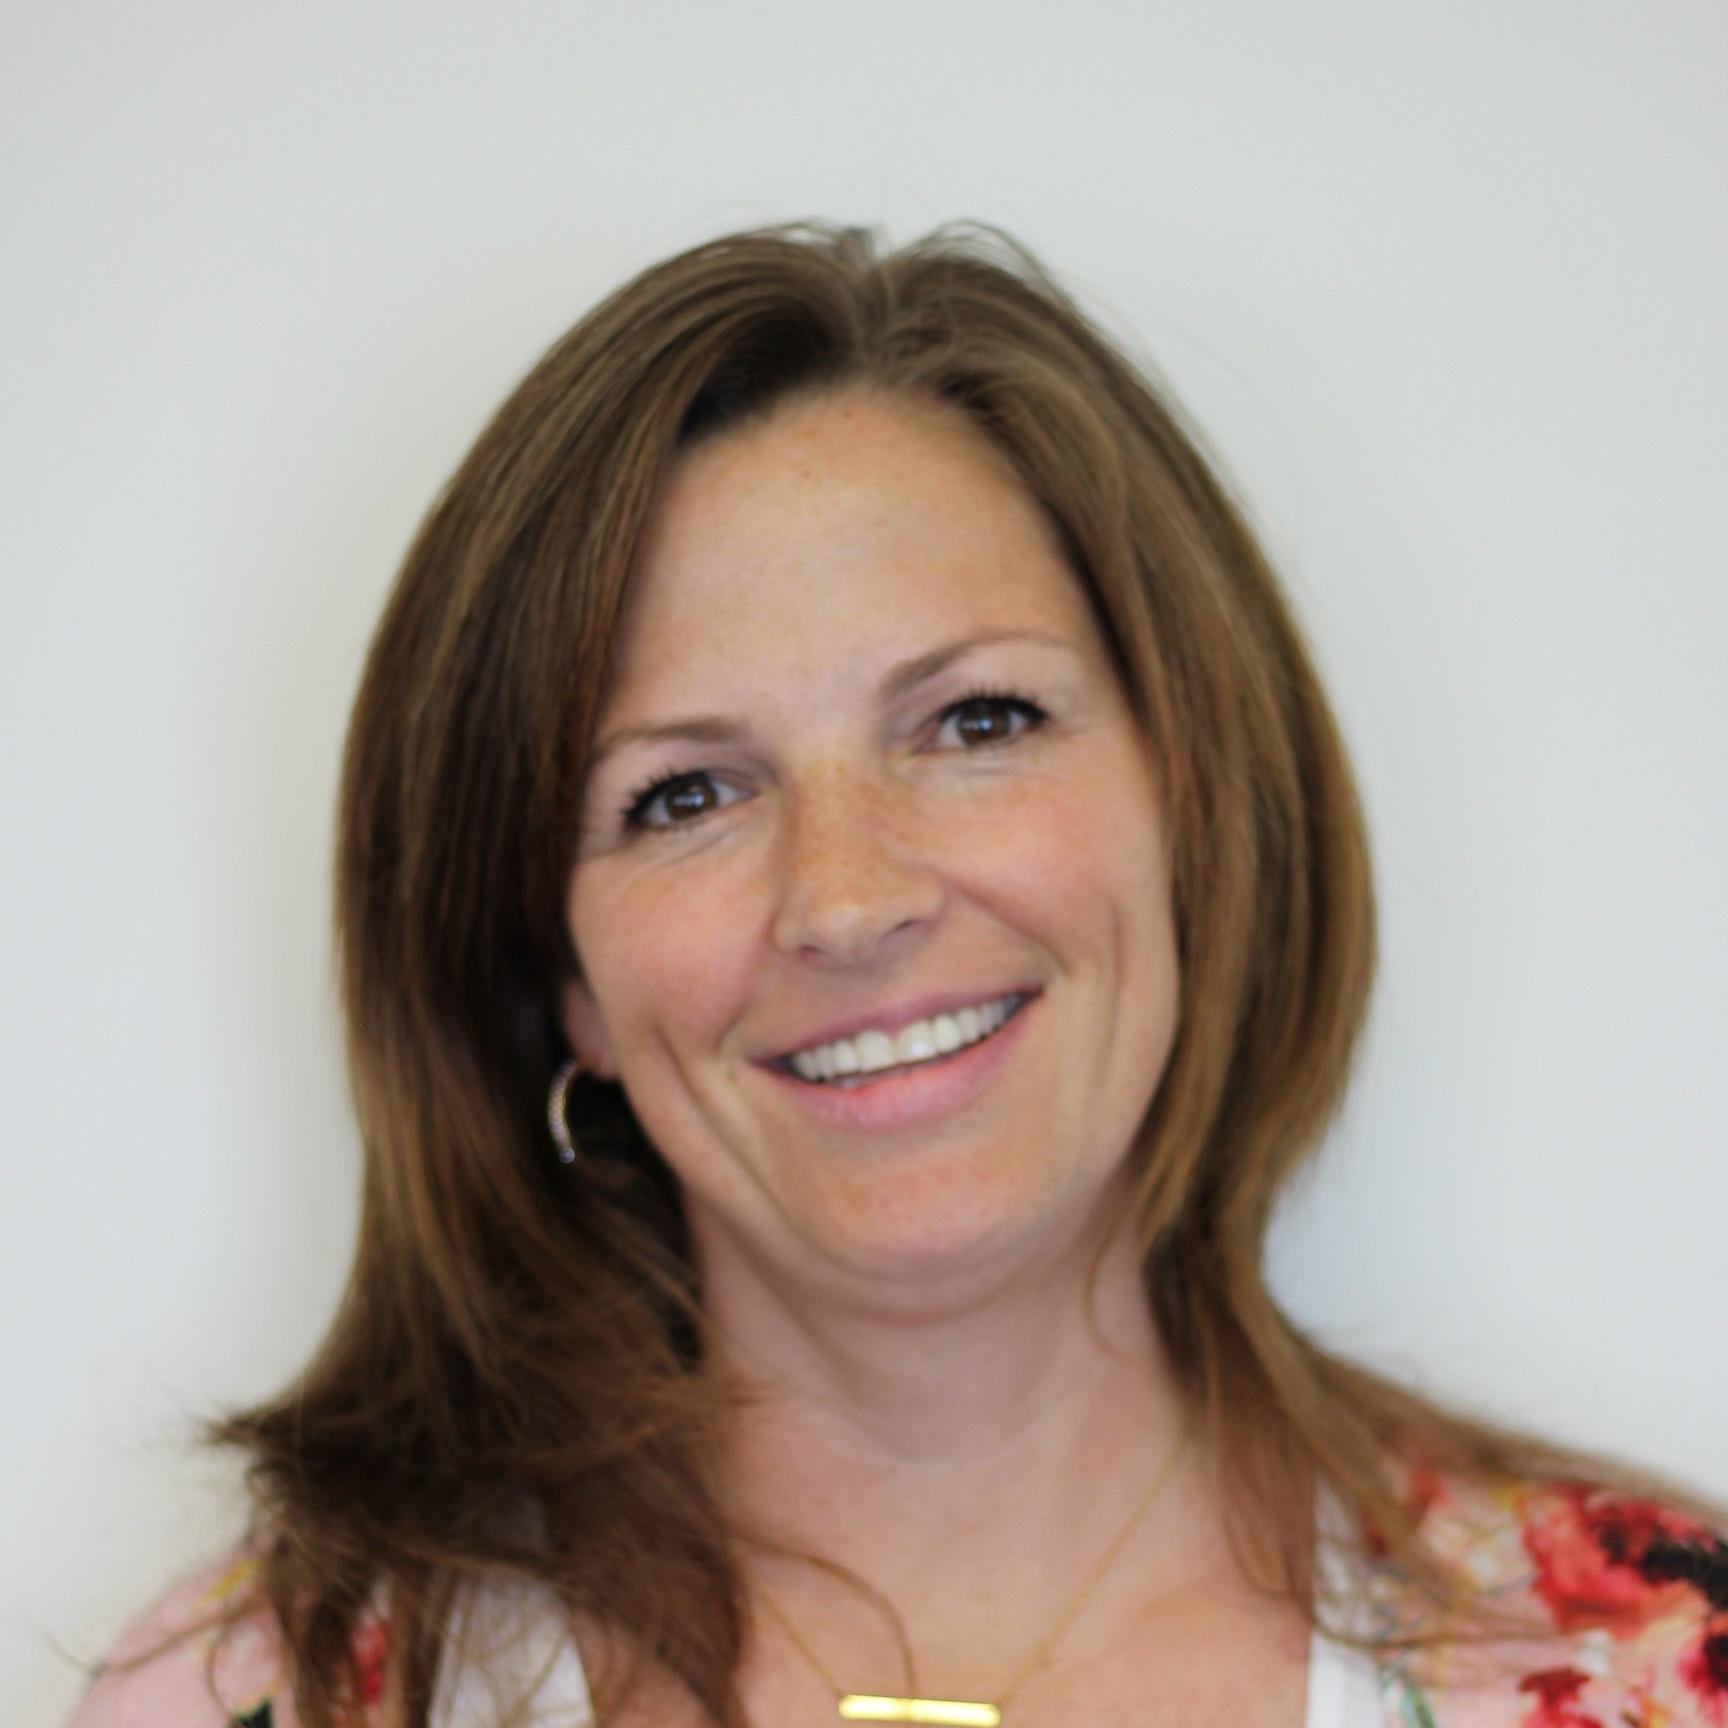 Jennifer Reagan